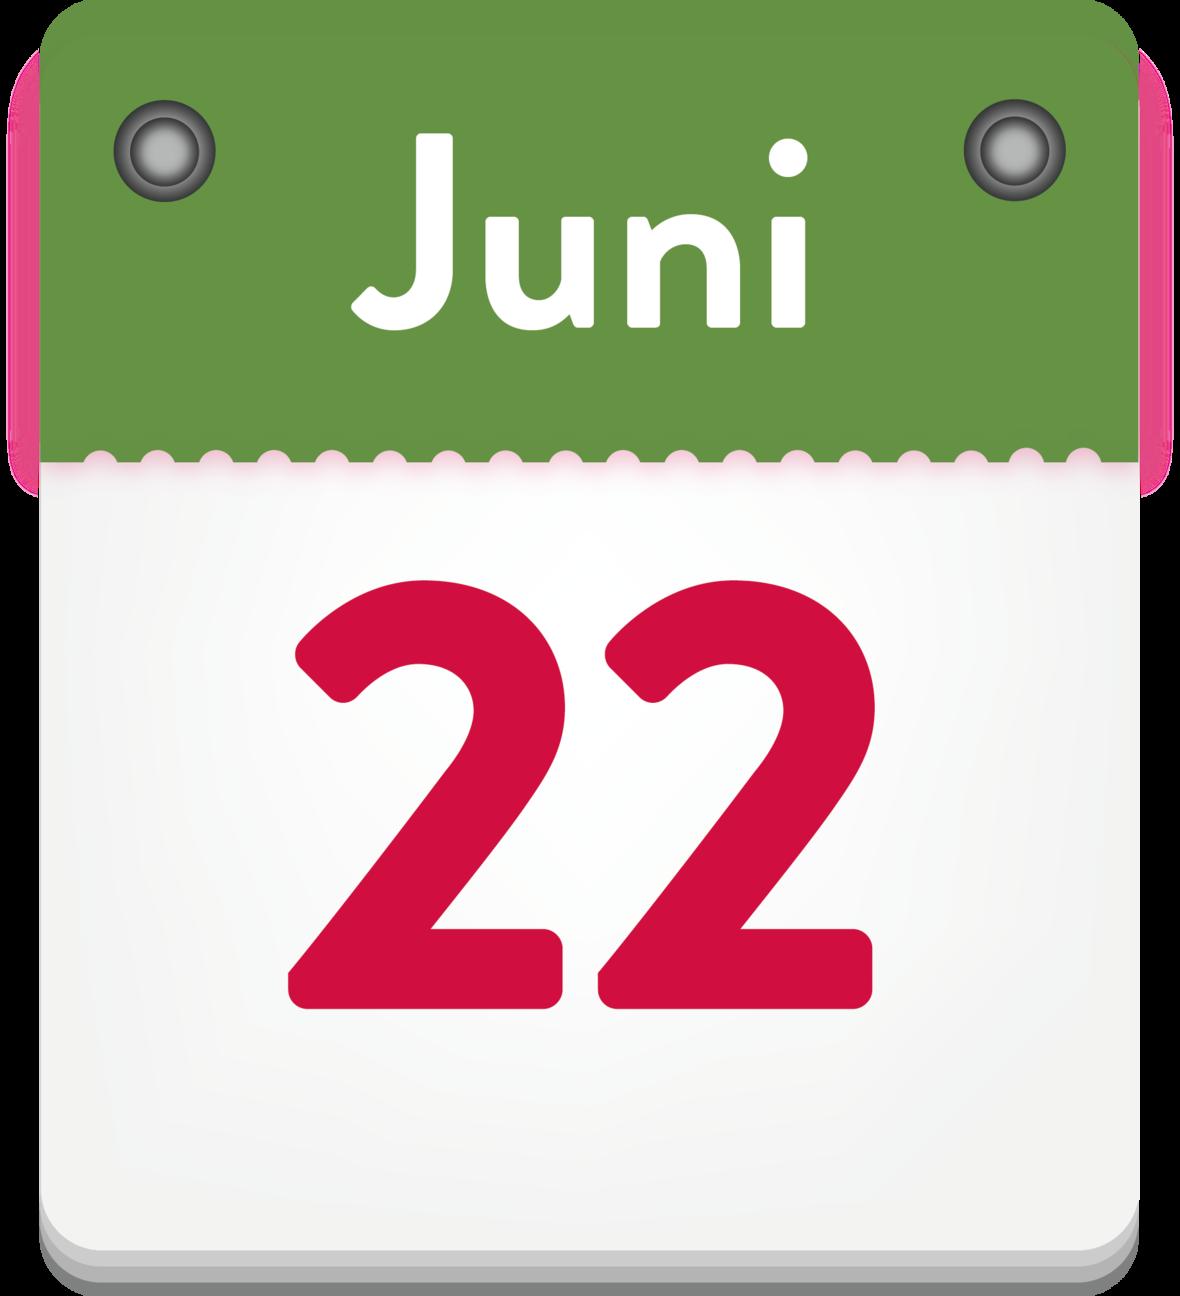 kalenderblaadje